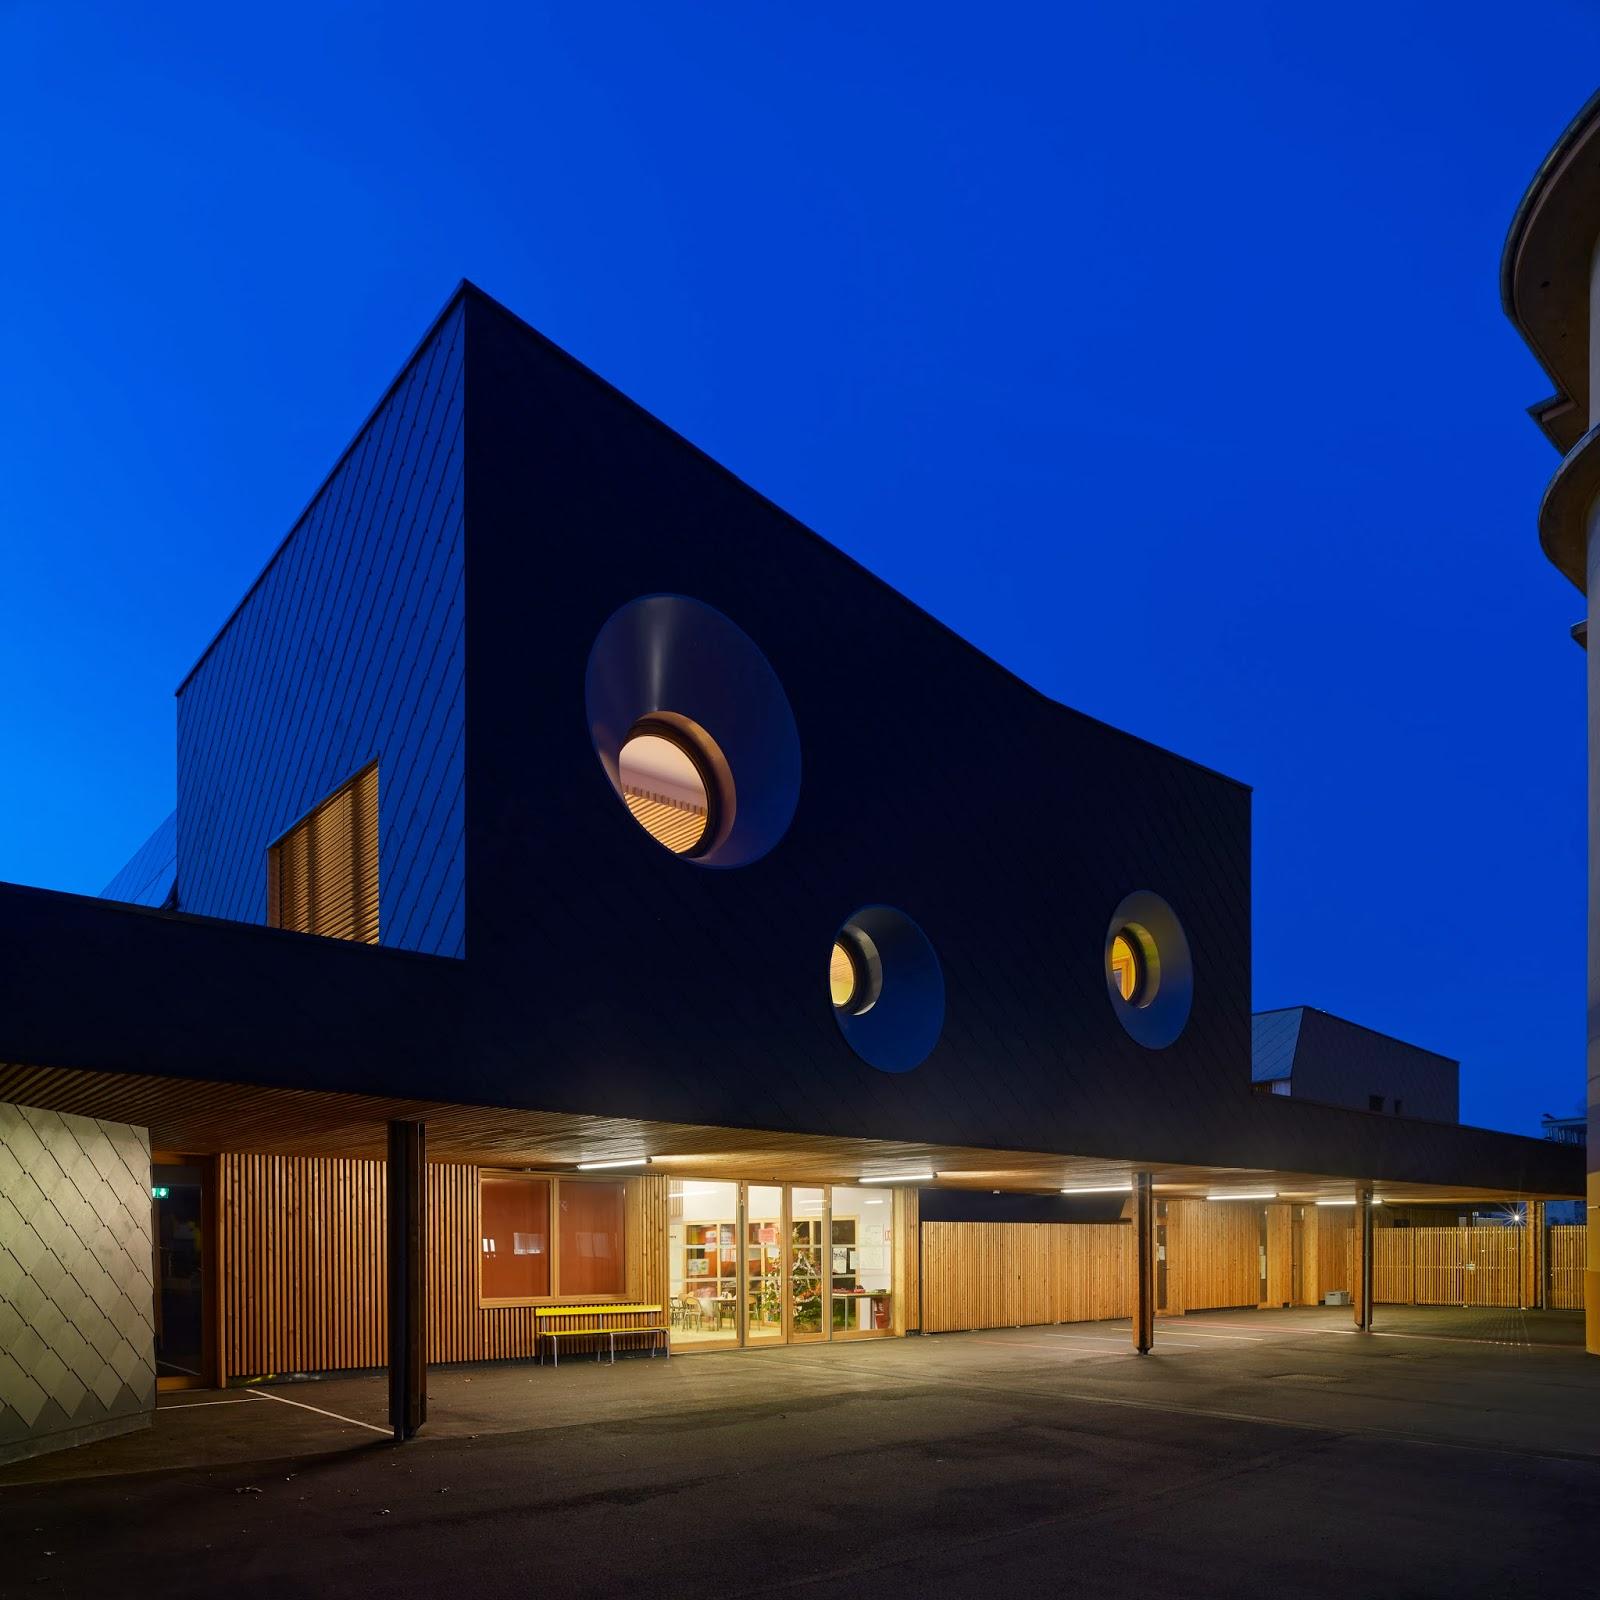 http://www.archidesignclub.com/magazine/rubriques/architecture/45571-archidesignclub-awards-enseignement-petite-enfance.html